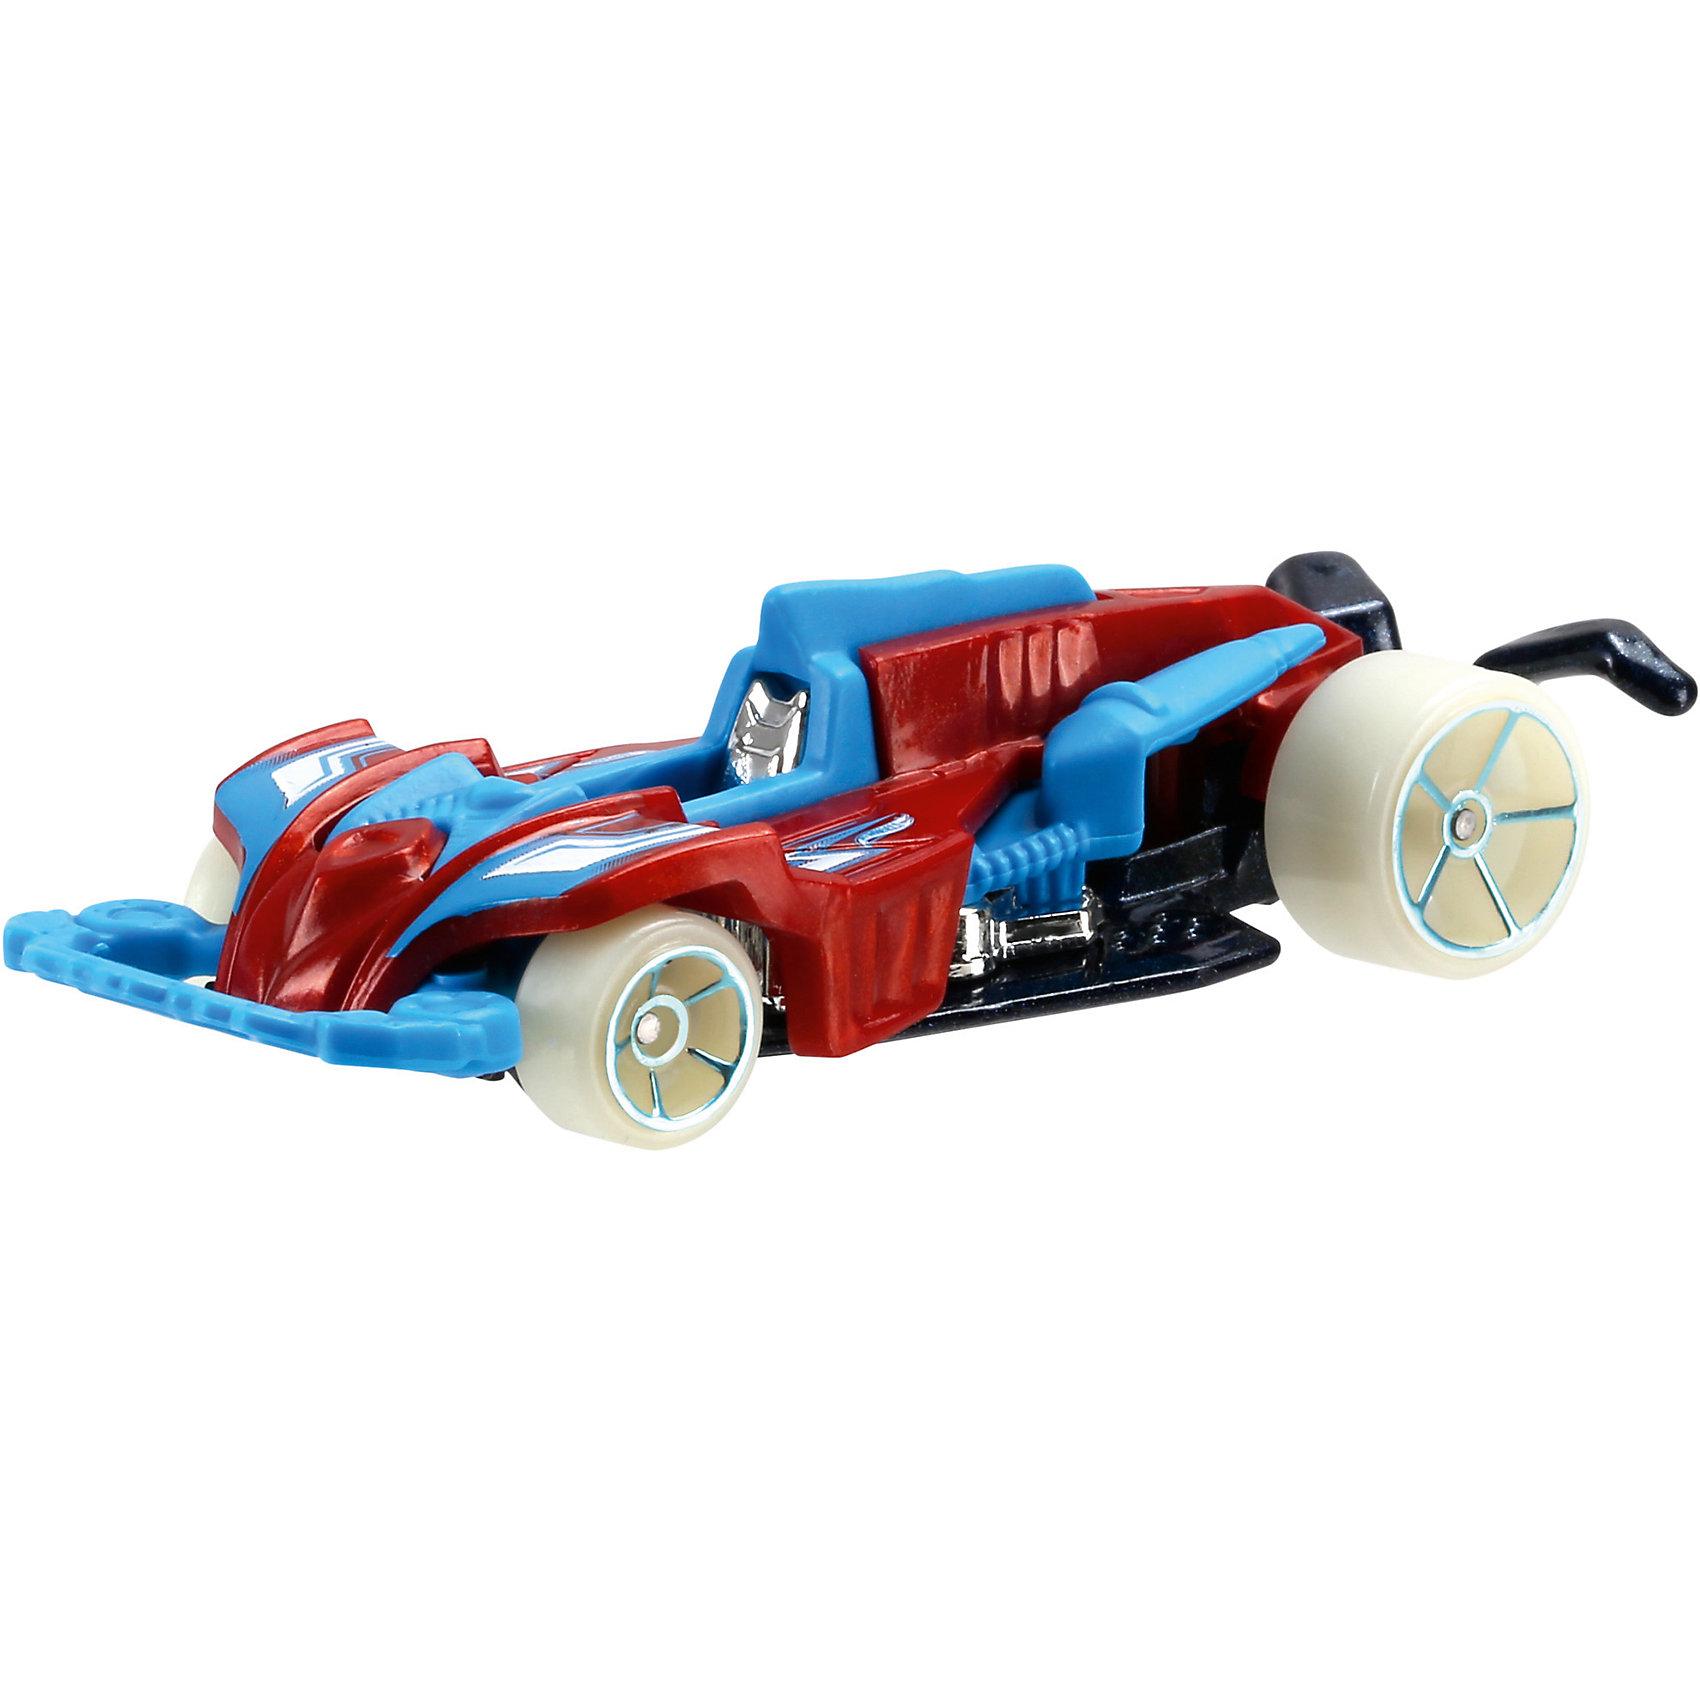 Mattel Машинка Hot Wheels из базовой коллекции mattel hot wheels fgk67 машинки персонажей dc зелёная стрела